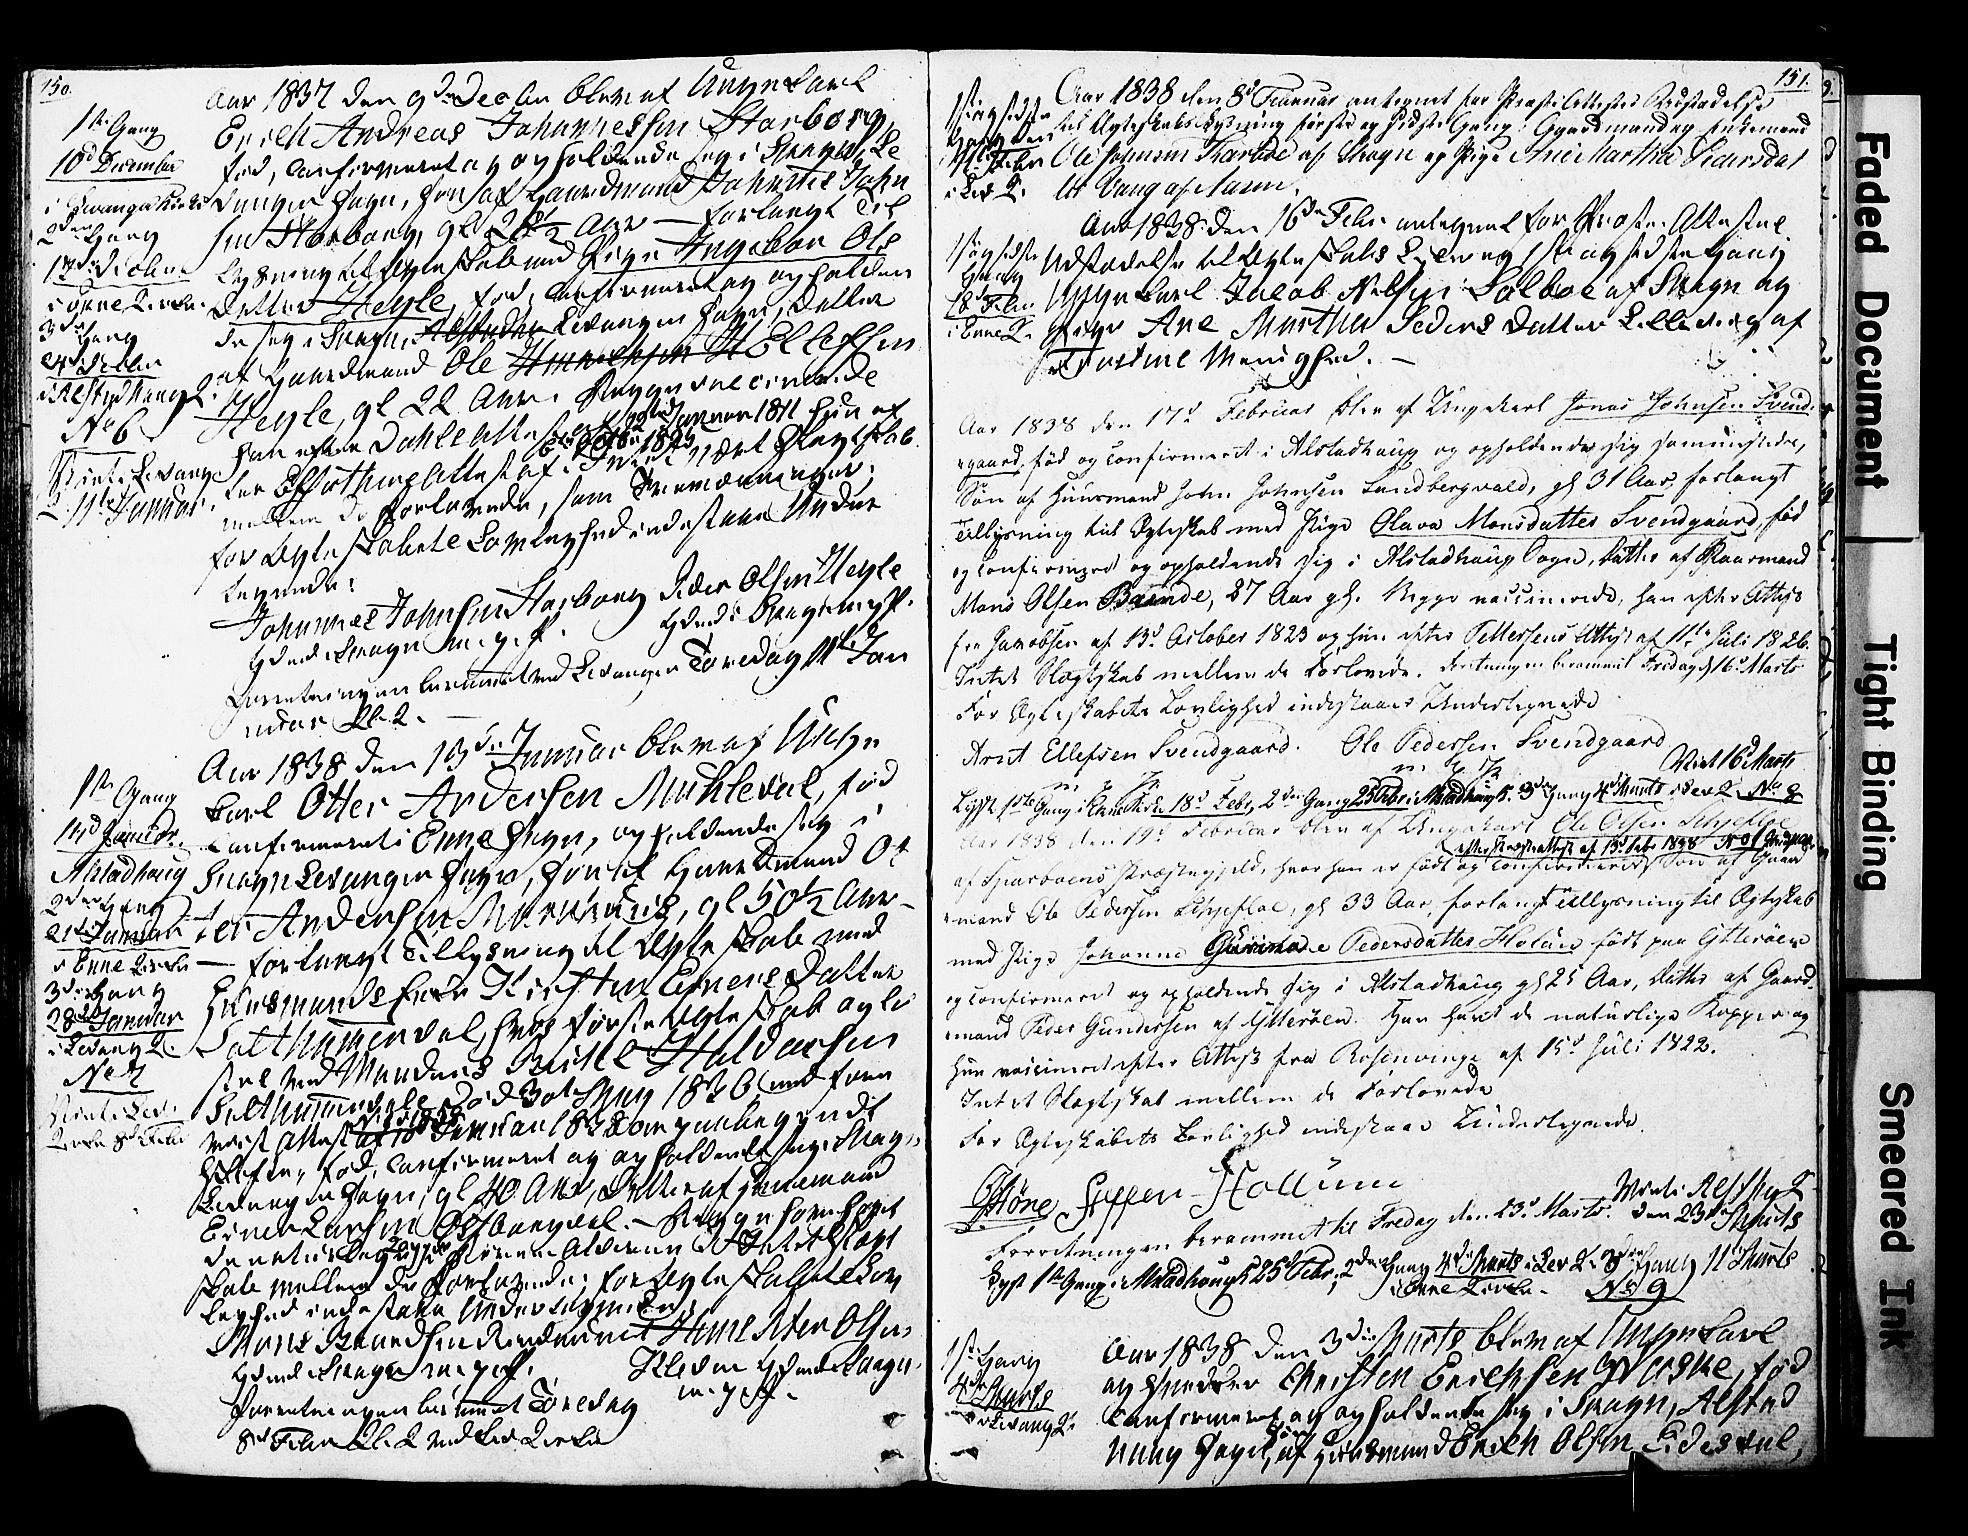 SAT, Ministerialprotokoller, klokkerbøker og fødselsregistre - Nord-Trøndelag, 717/L0160: Forlovererklæringer nr. 717A10, 1828-1850, s. 150-151